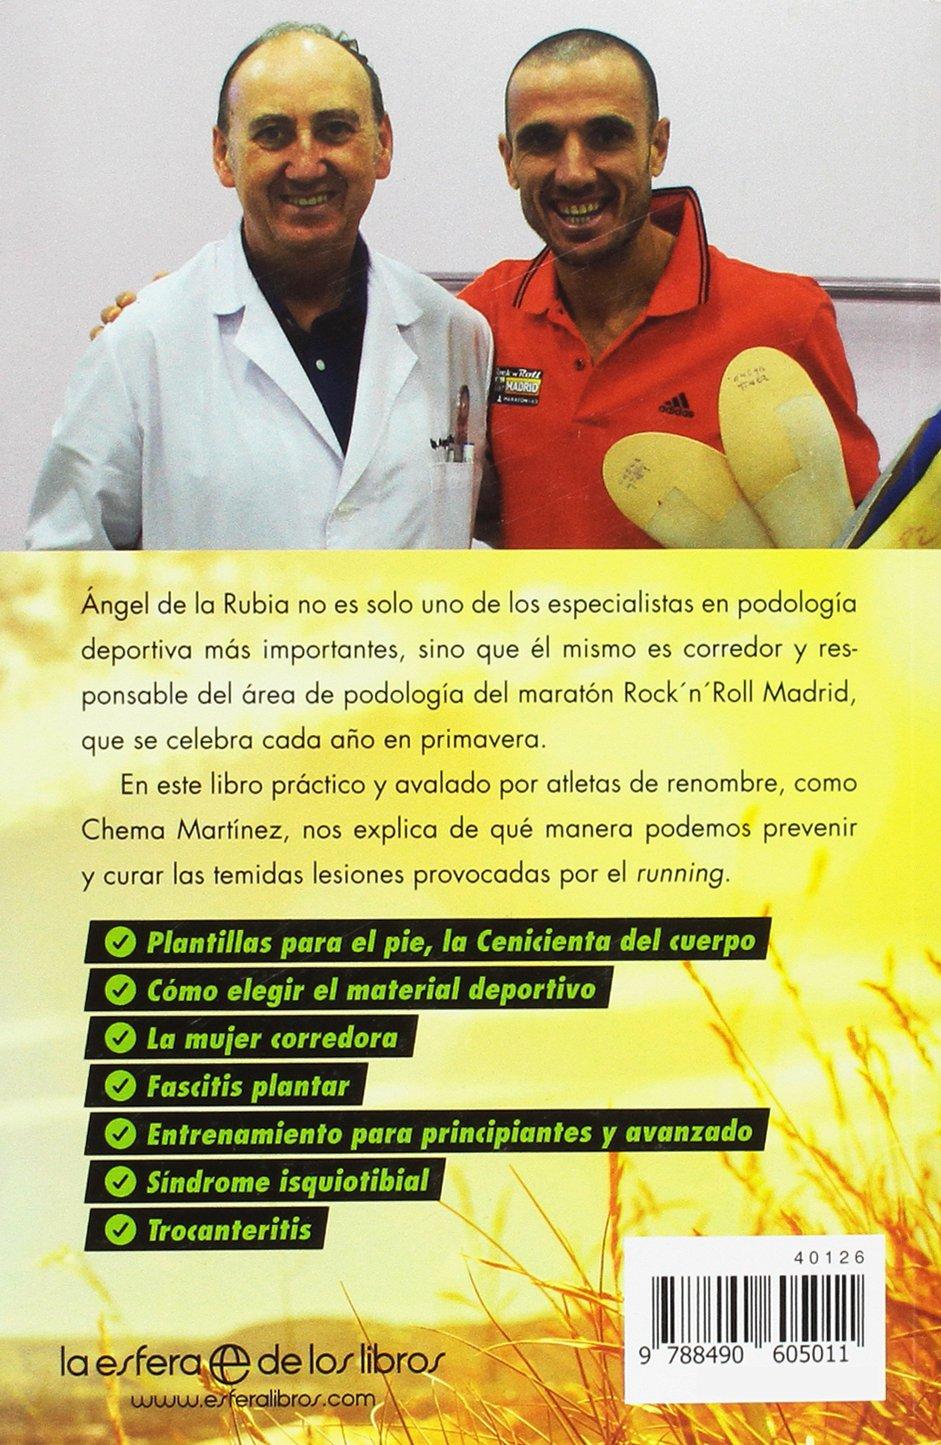 Lesiones del corredor : manual para prevenir y curar los problemas del running: Ángel de la Rubia: 9788490605011: Amazon.com: Books